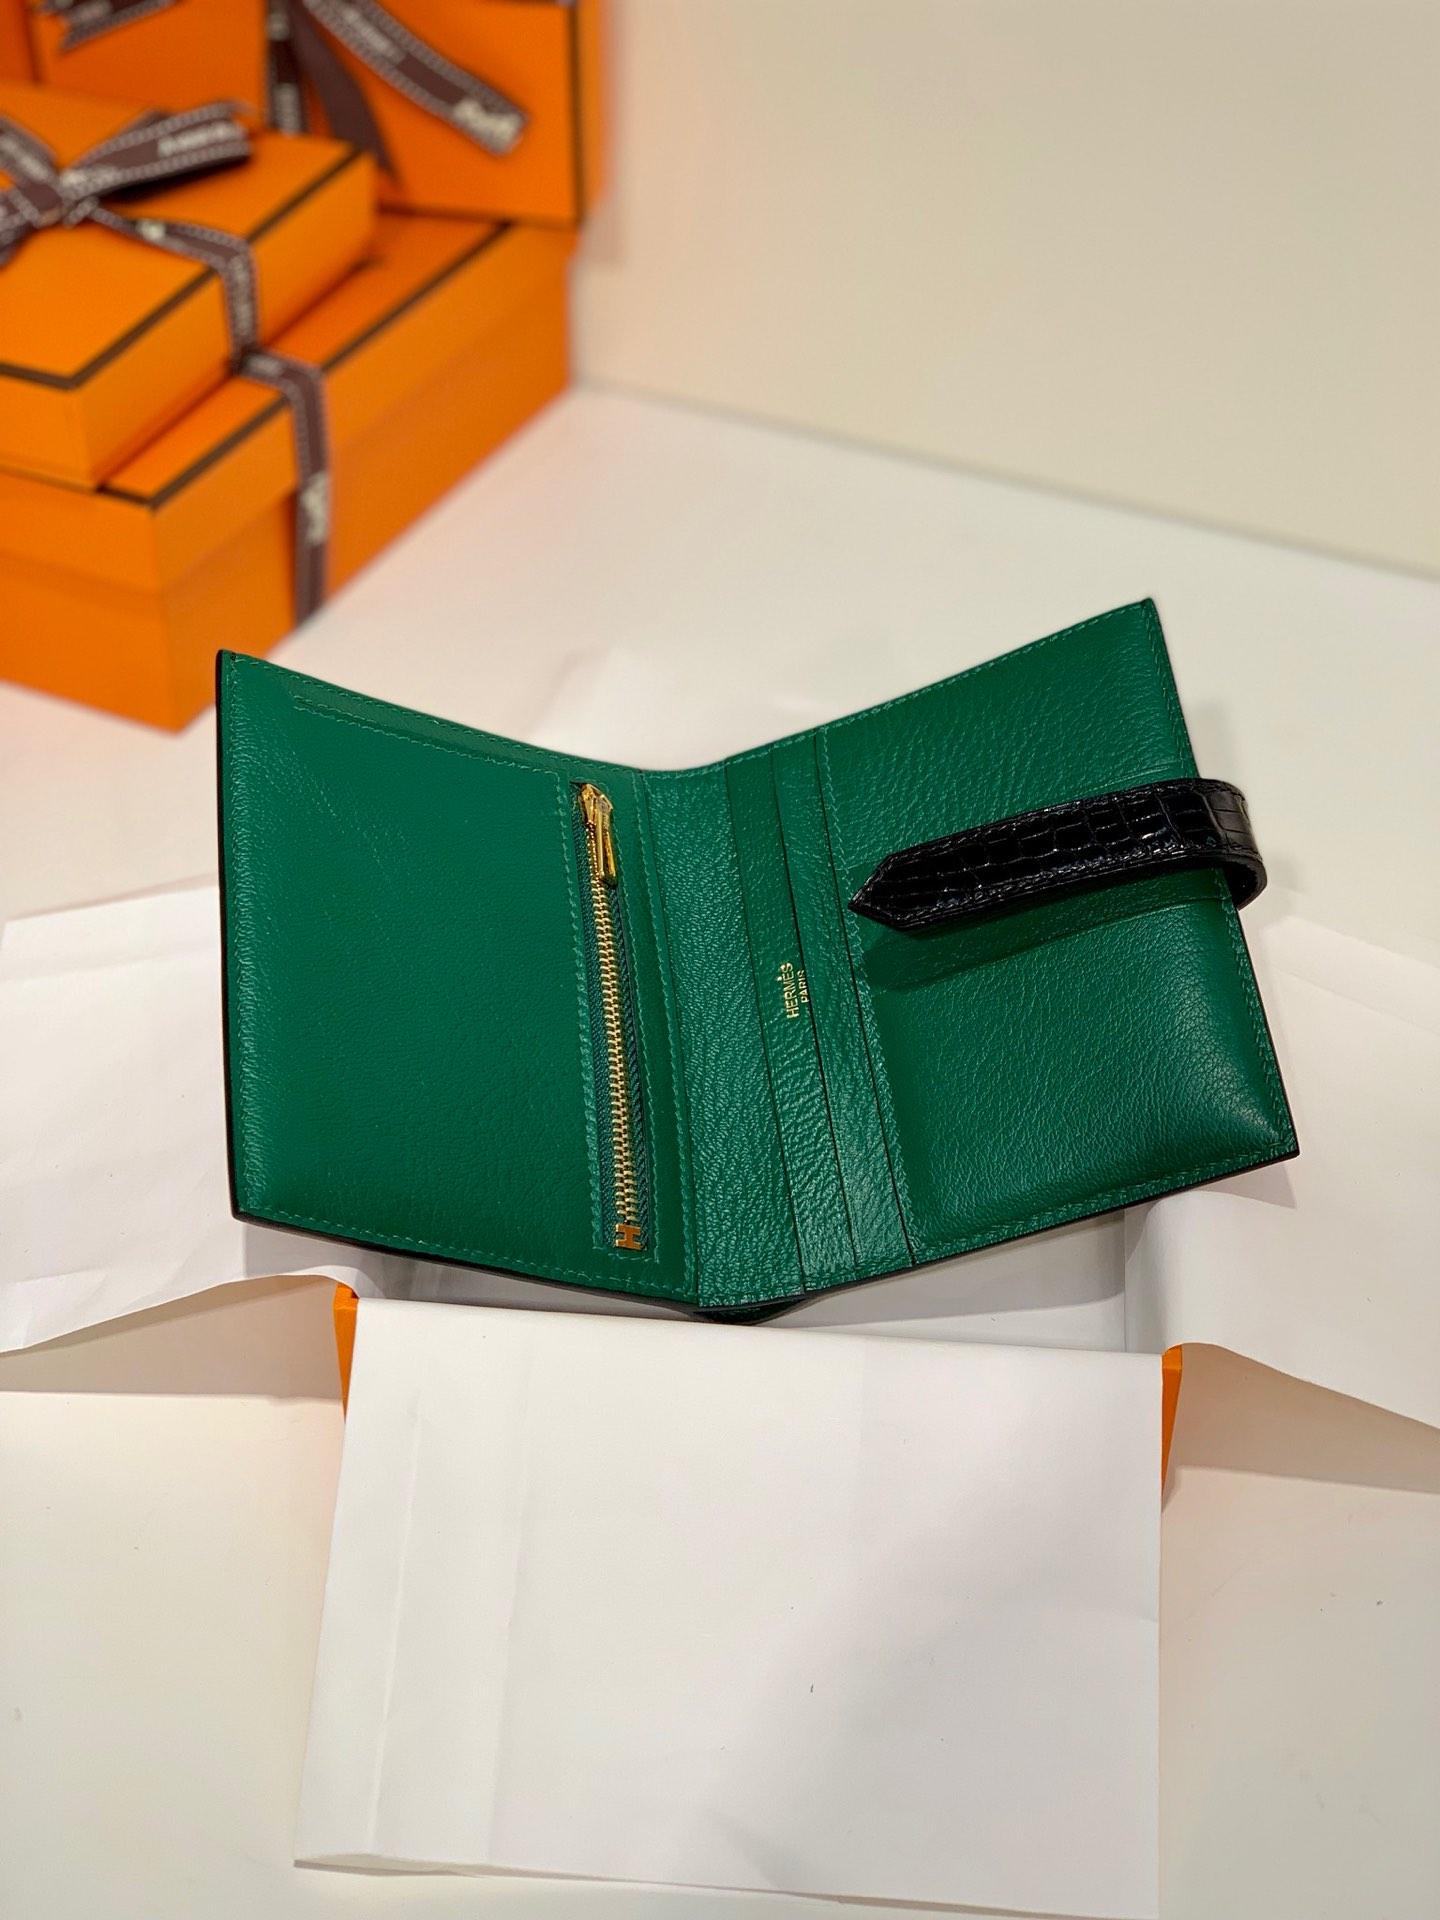 爱马仕Bearn短款钱夹 Hermes黑色鳄鱼皮内拼孔雀绿经典钱包 金扣